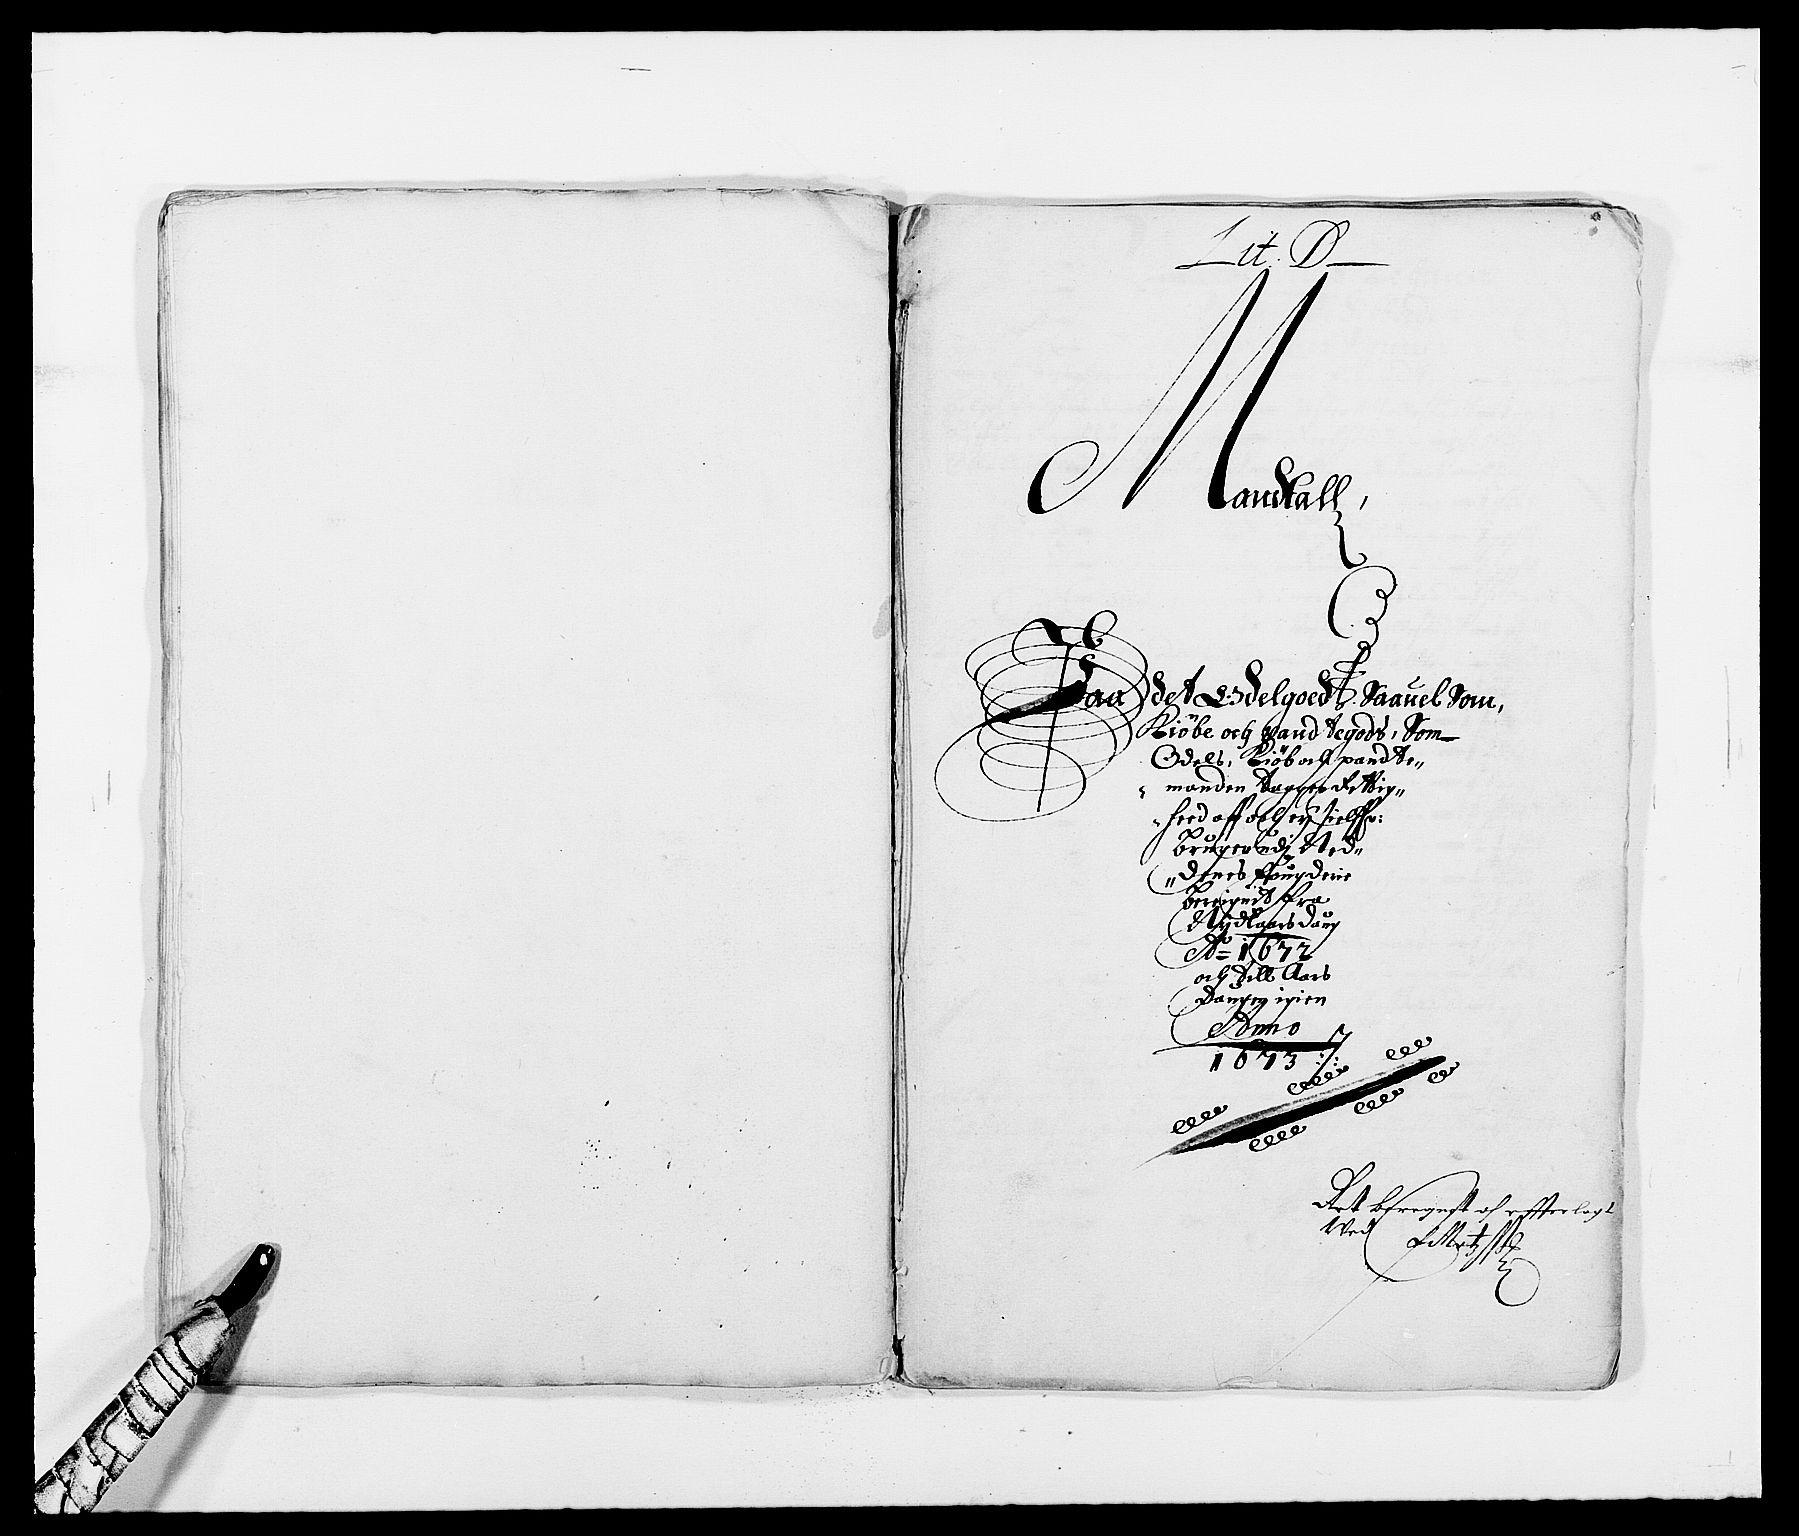 RA, Rentekammeret inntil 1814, Reviderte regnskaper, Fogderegnskap, R39/L2300: Fogderegnskap Nedenes, 1672-1674, s. 73